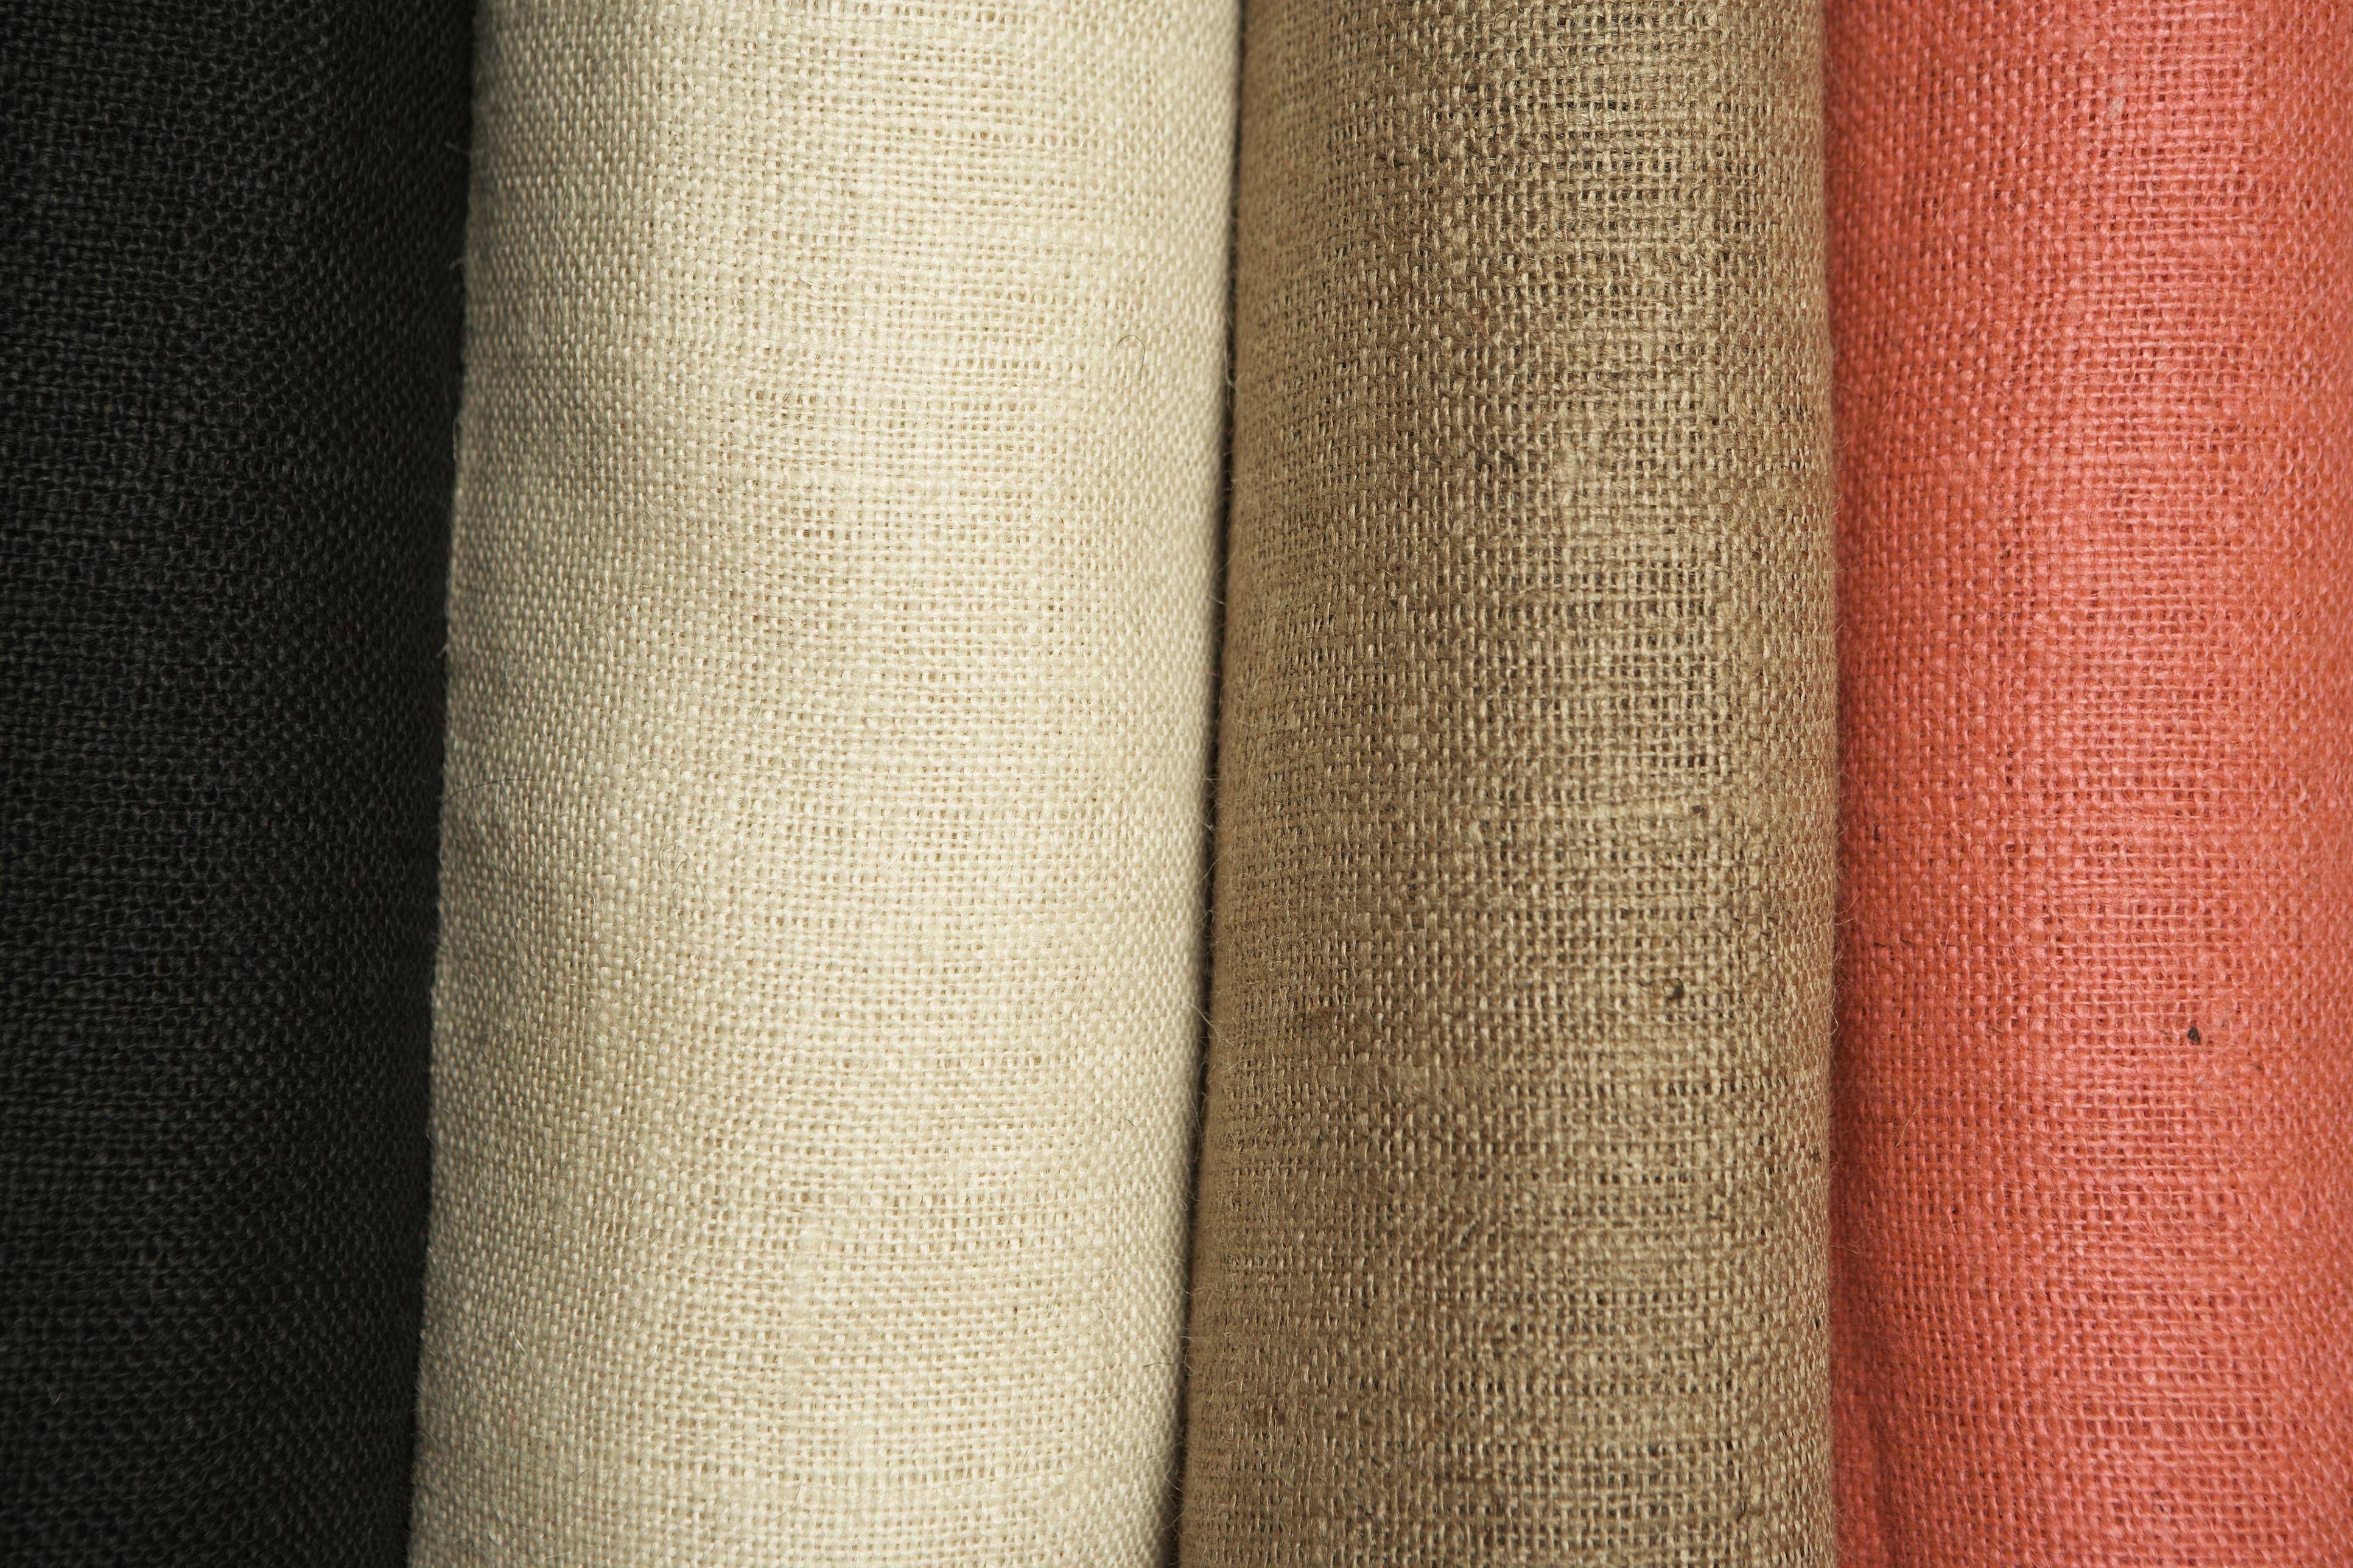 Rolls of linen, close-up